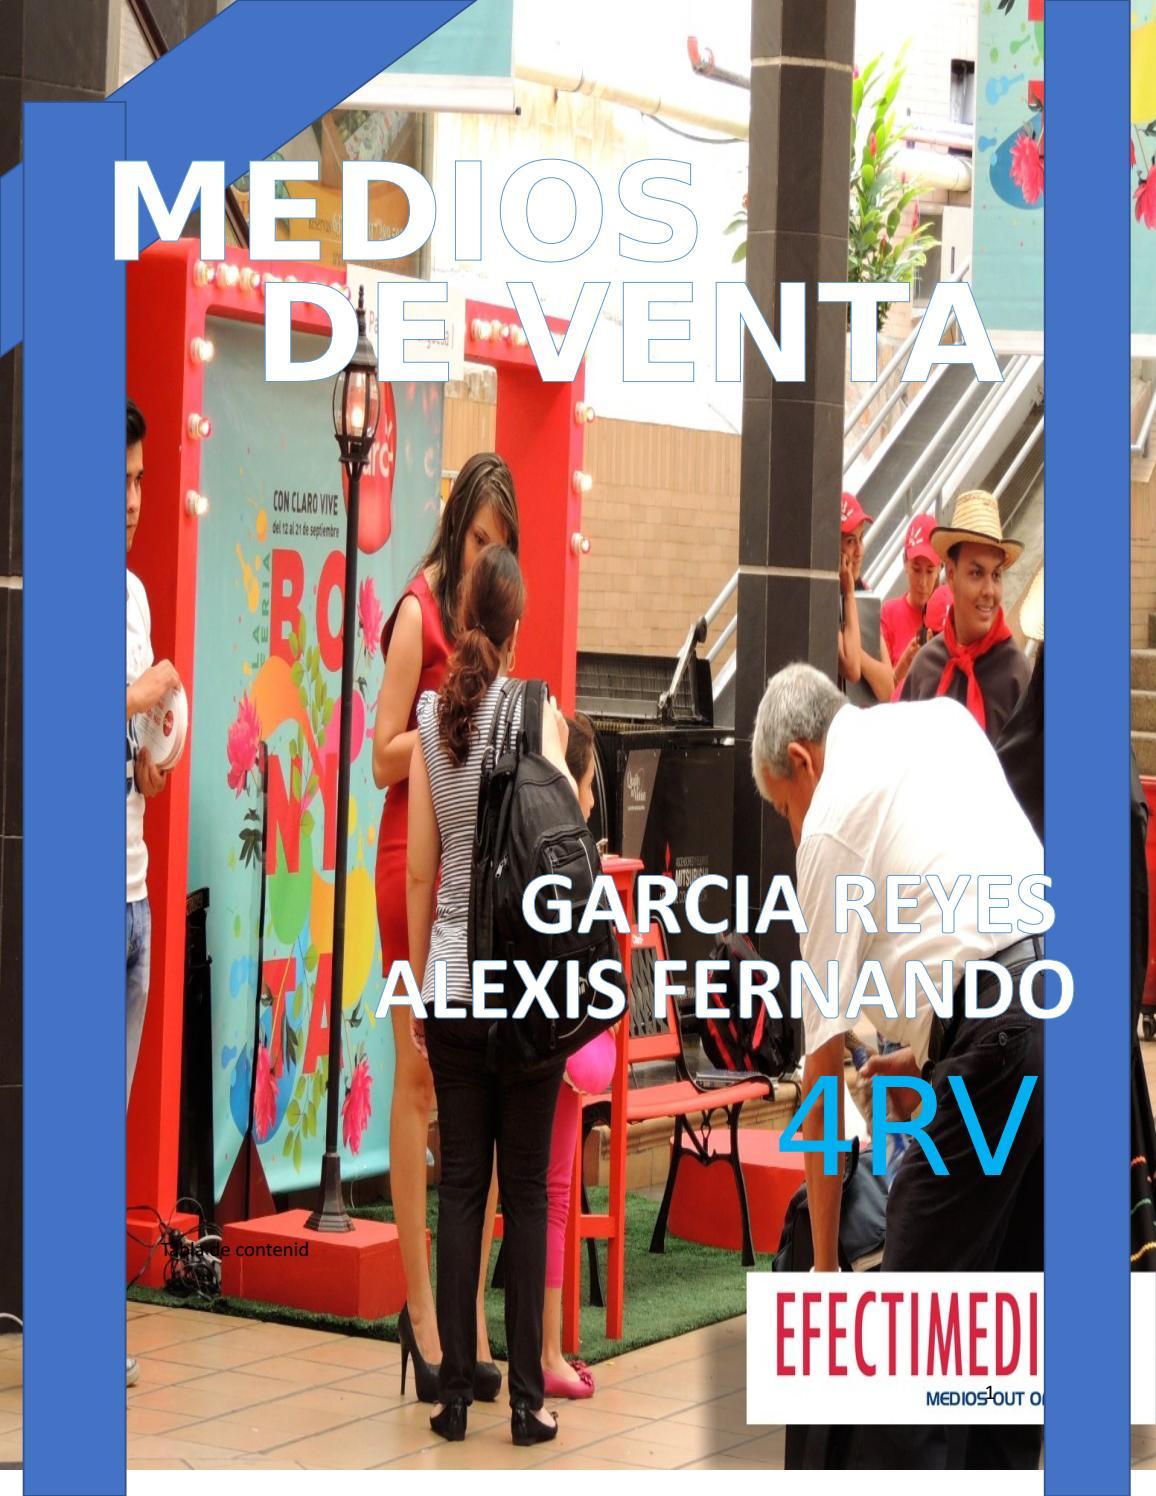 66a3caf8e5b Medios Promocionales de Venta by AlexisGarcia - issuu